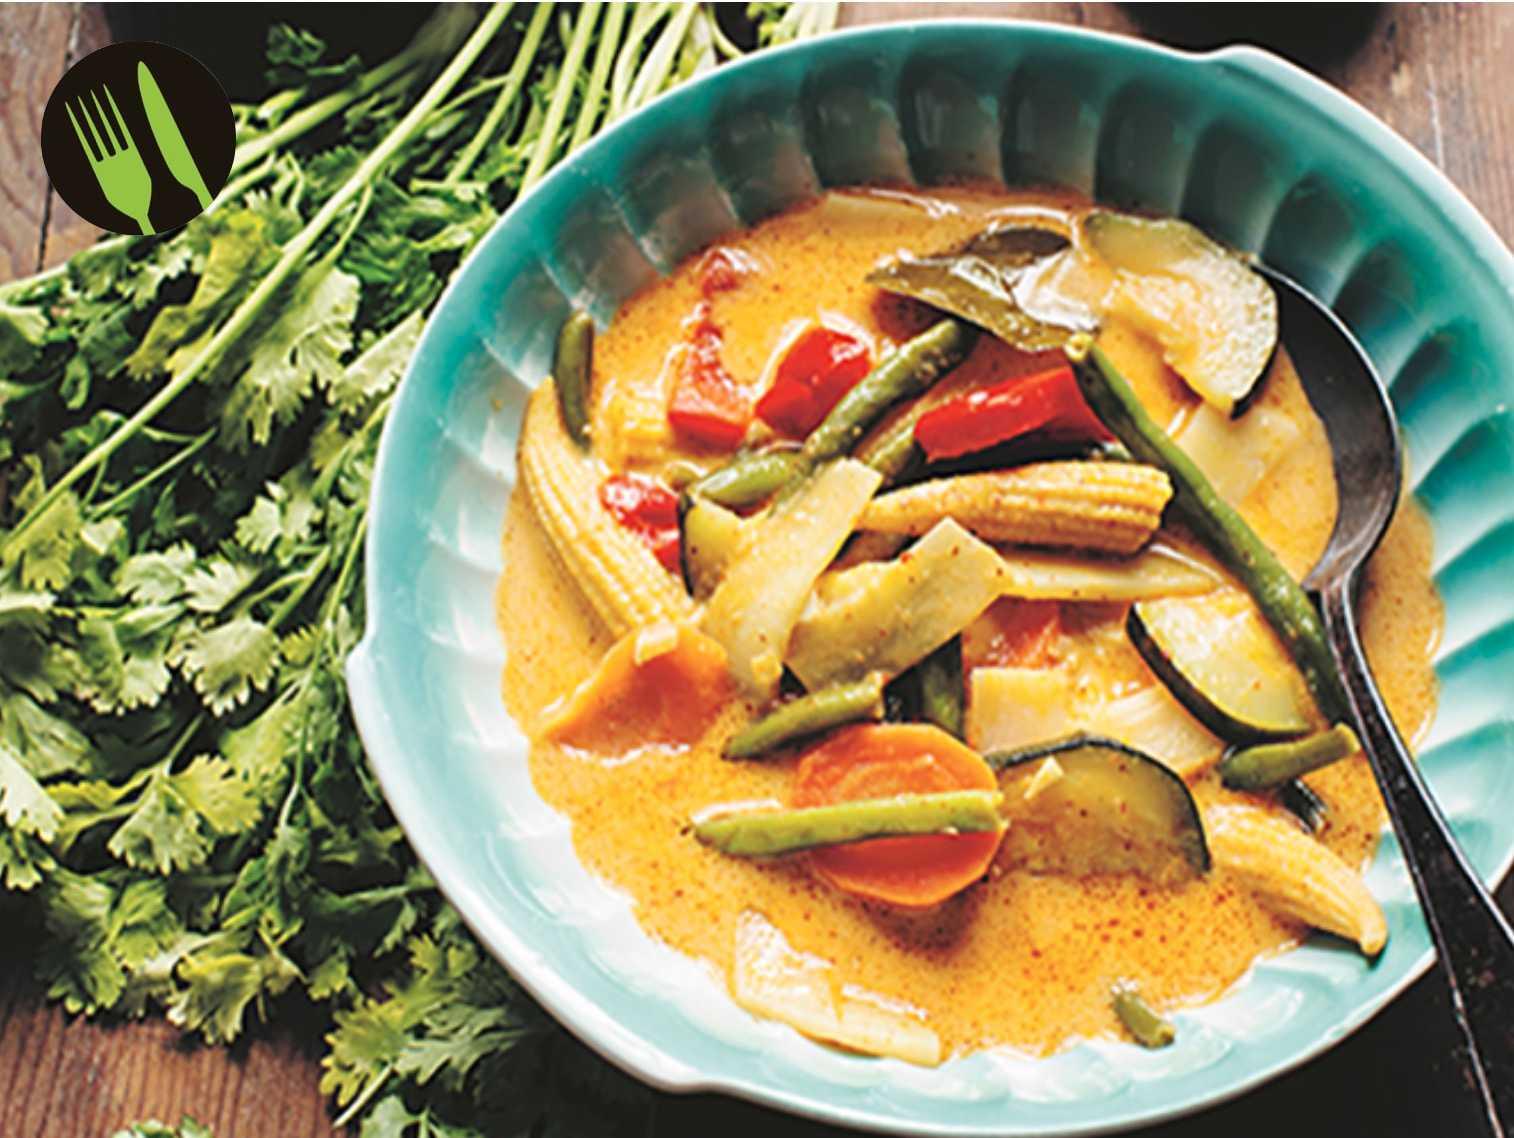 Kaeng phet – röd currygryta med grönsaker.